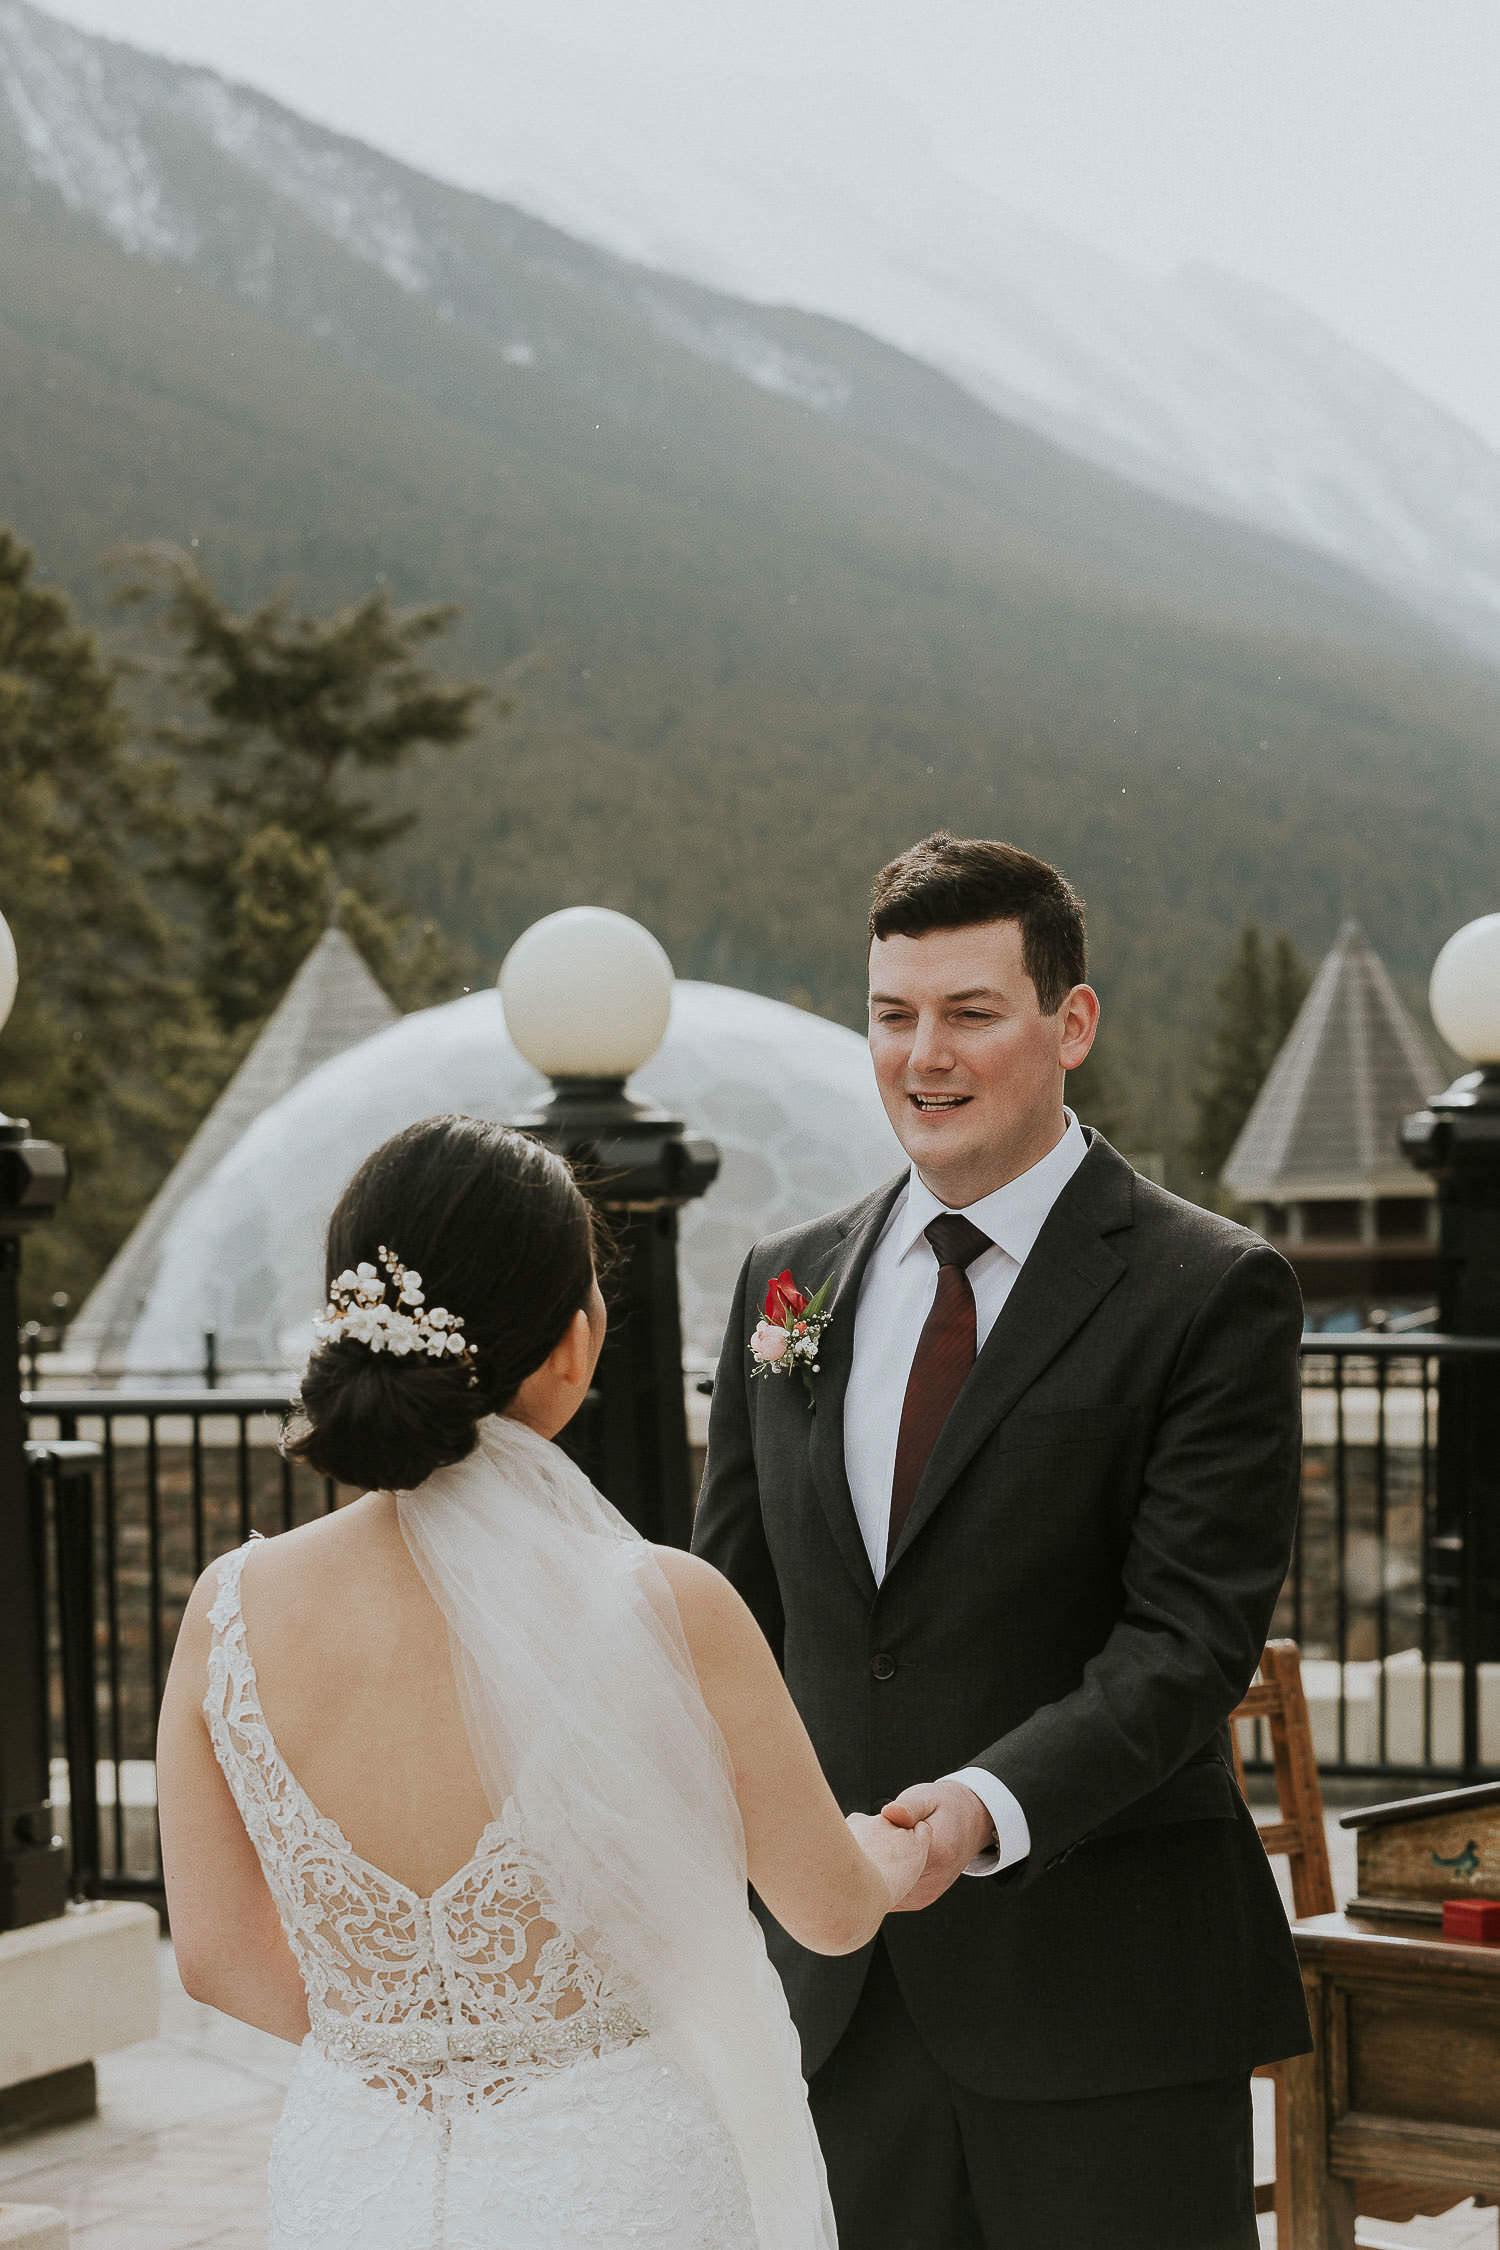 intimate-wedding-at-banff-springs-hotel-sarah-pukin-0091